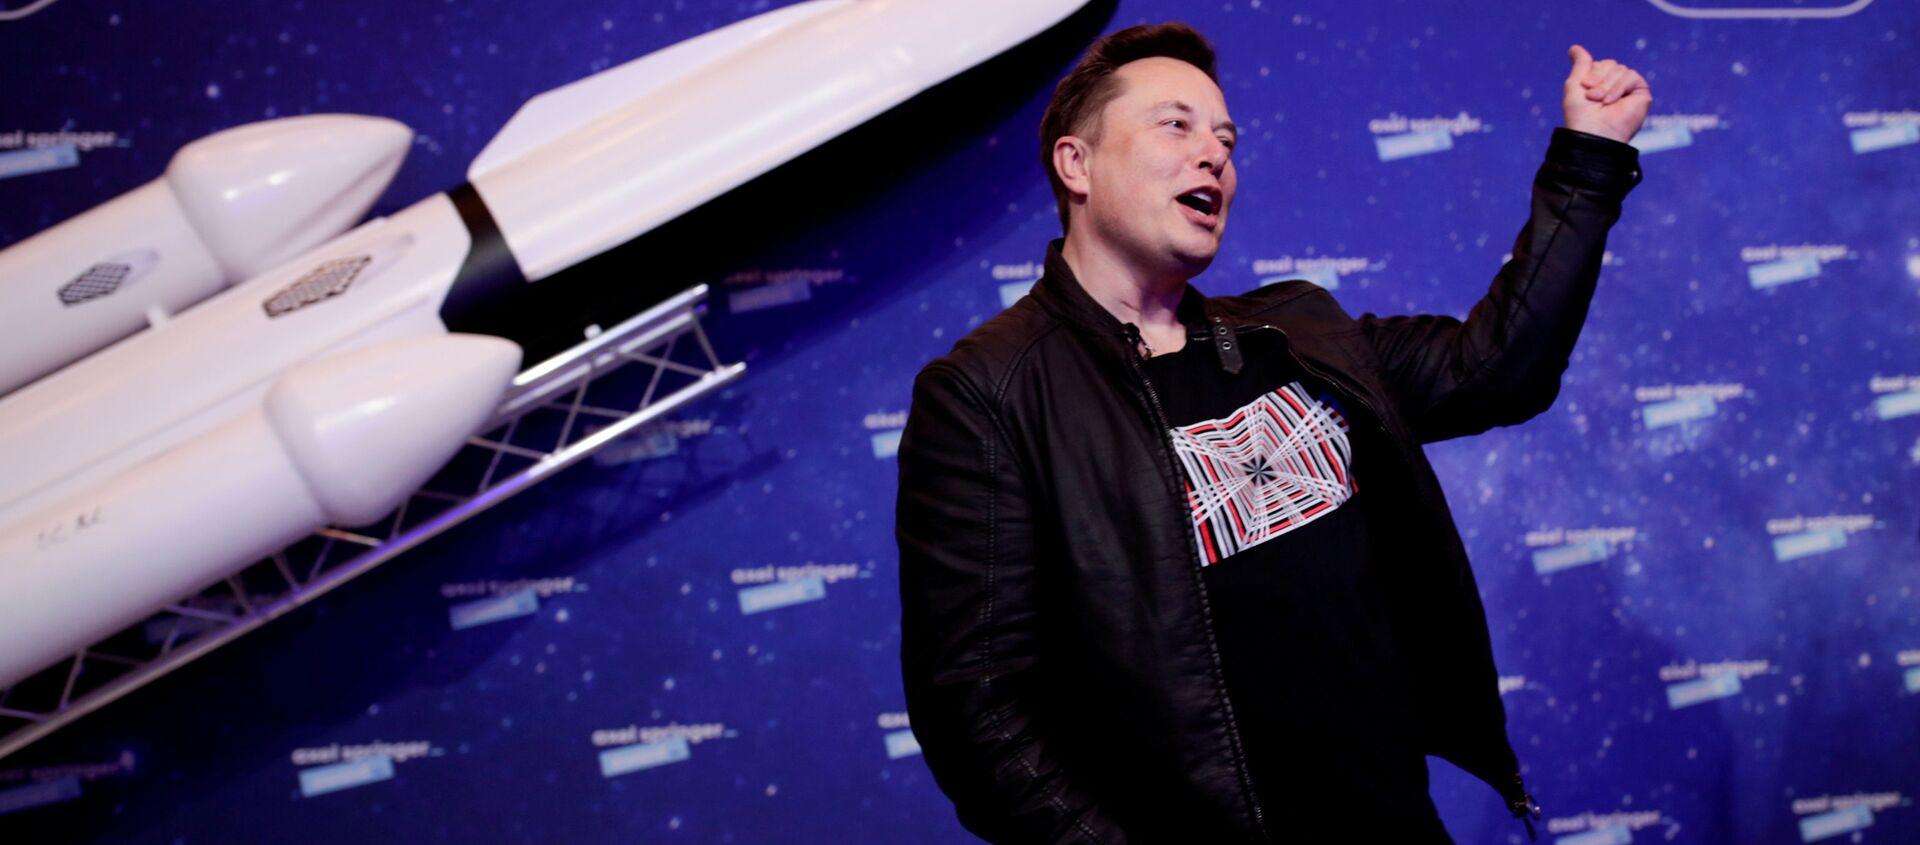 Elon Musk, director ejecutivo de SpaceX, en la alfombra roja de los premios Axel Springer - Sputnik Mundo, 1920, 08.02.2021